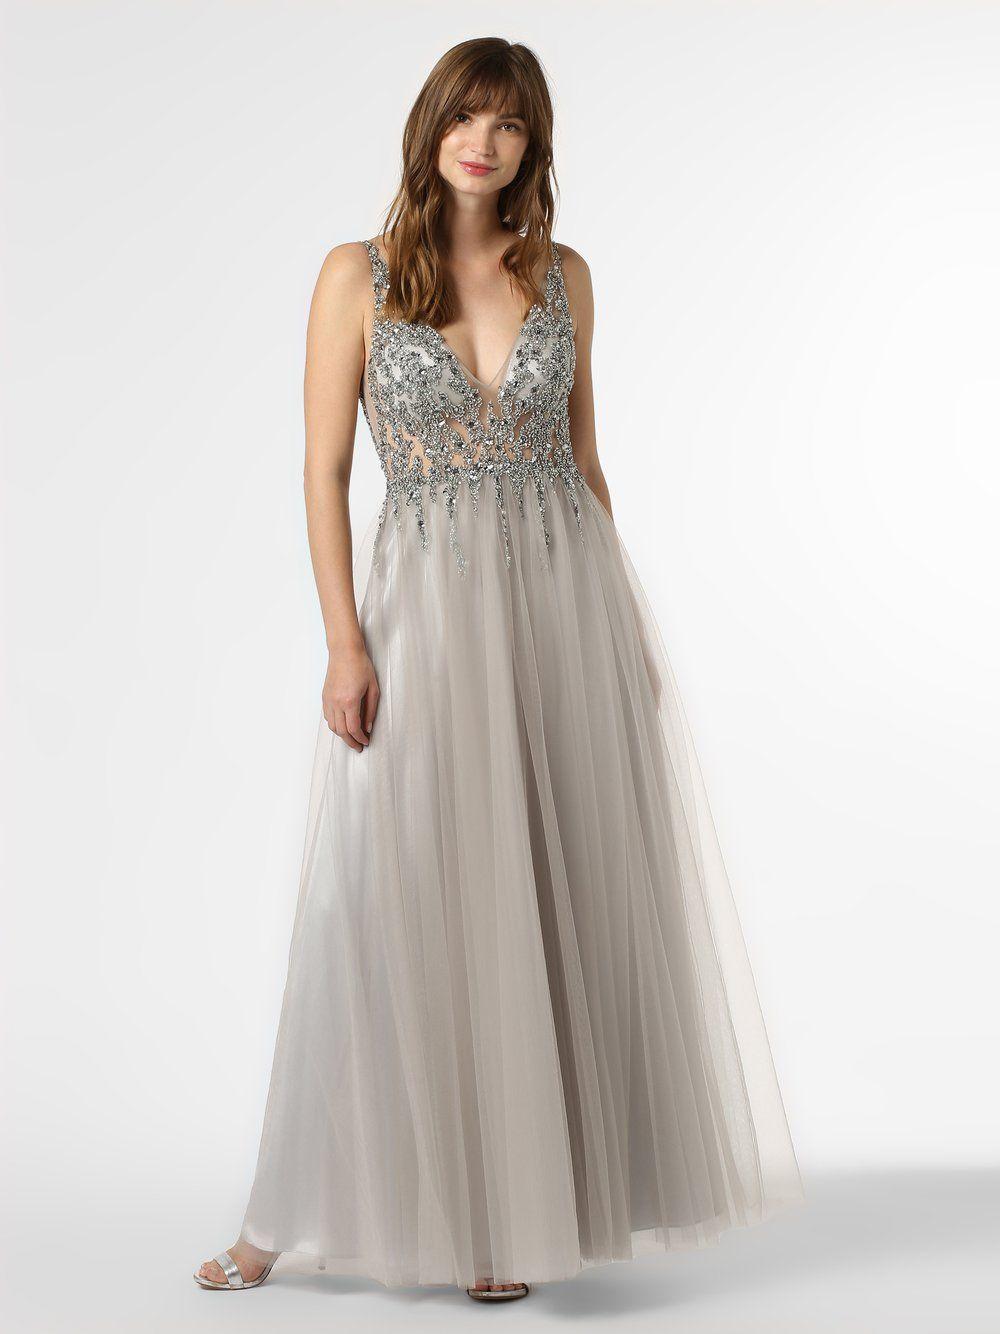 Mascara Damen Abendkleid mit Stola online kaufen in 10